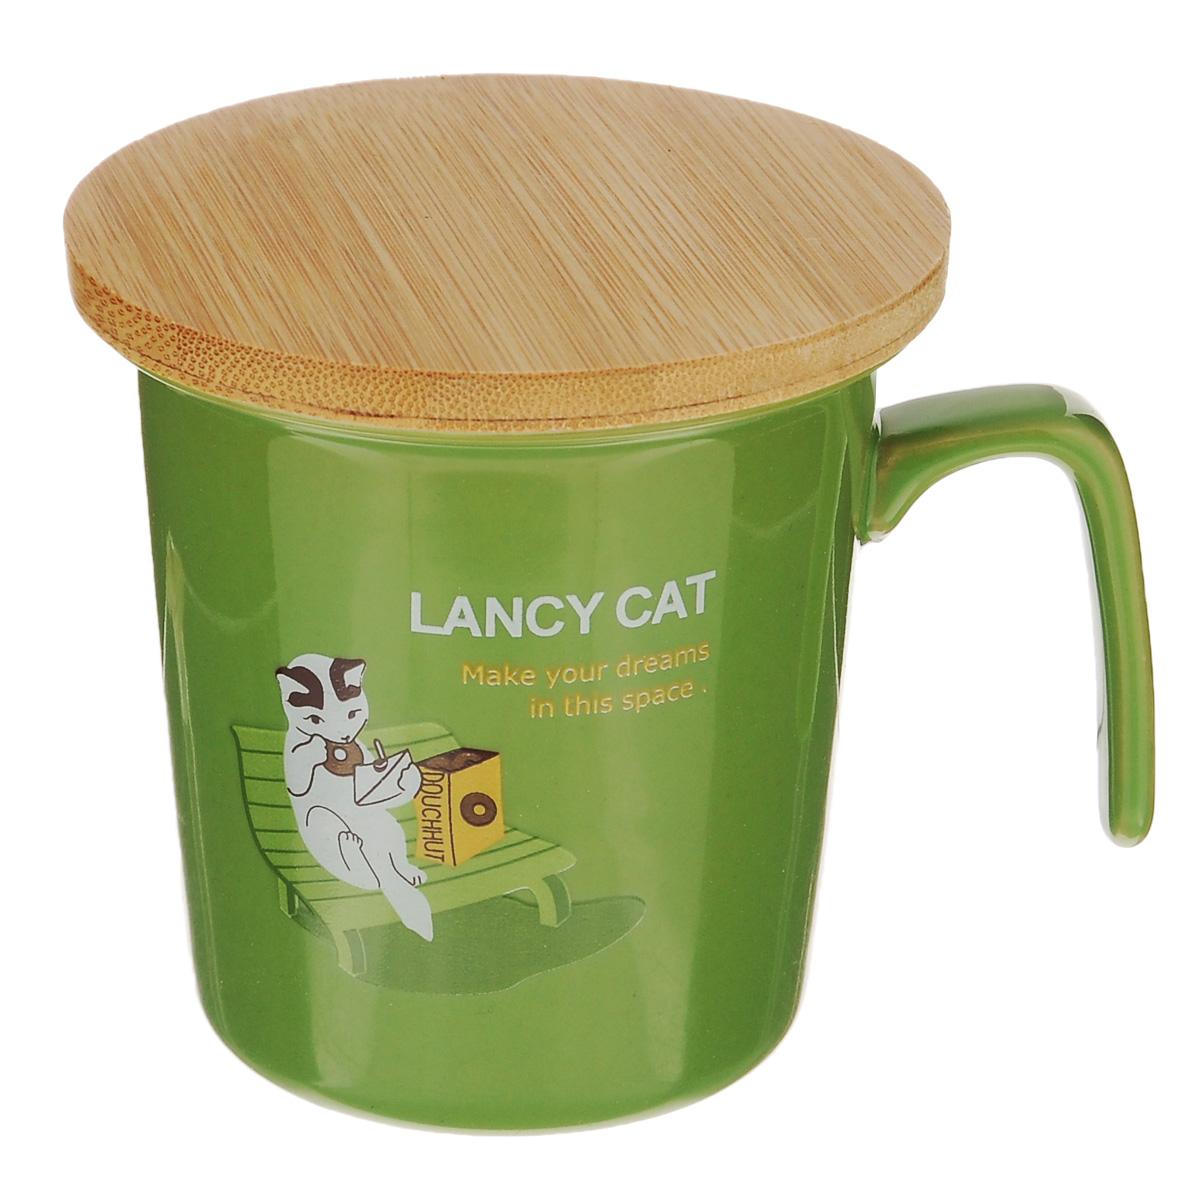 Кружка Lillo Lancy Cat, с бамбуковой крышкой, цвет: зеленый, 220 мл215015Кружка Lillo Lancy Cat выполнена из высококачественной керамики и украшена изображением кошки. Кружка имеет удобную оригинальную ручку. В комплект входит бамбуковая крышка, которую можно использовать также в качестве подставки. Кружка Lillo Lancy Cat порадует вас ярким дизайном и функциональностью, а пить чай или кофе из нее станет еще приятнее. Подходит для мытья в посудомоечной машине, а также для использования в микроволновых и конвекционных печах. Объем: 220 мл. Диаметр кружки по верхнему краю: 8,5 см. Высота кружки: 8,5 см. Диаметр крышки: 9 см.